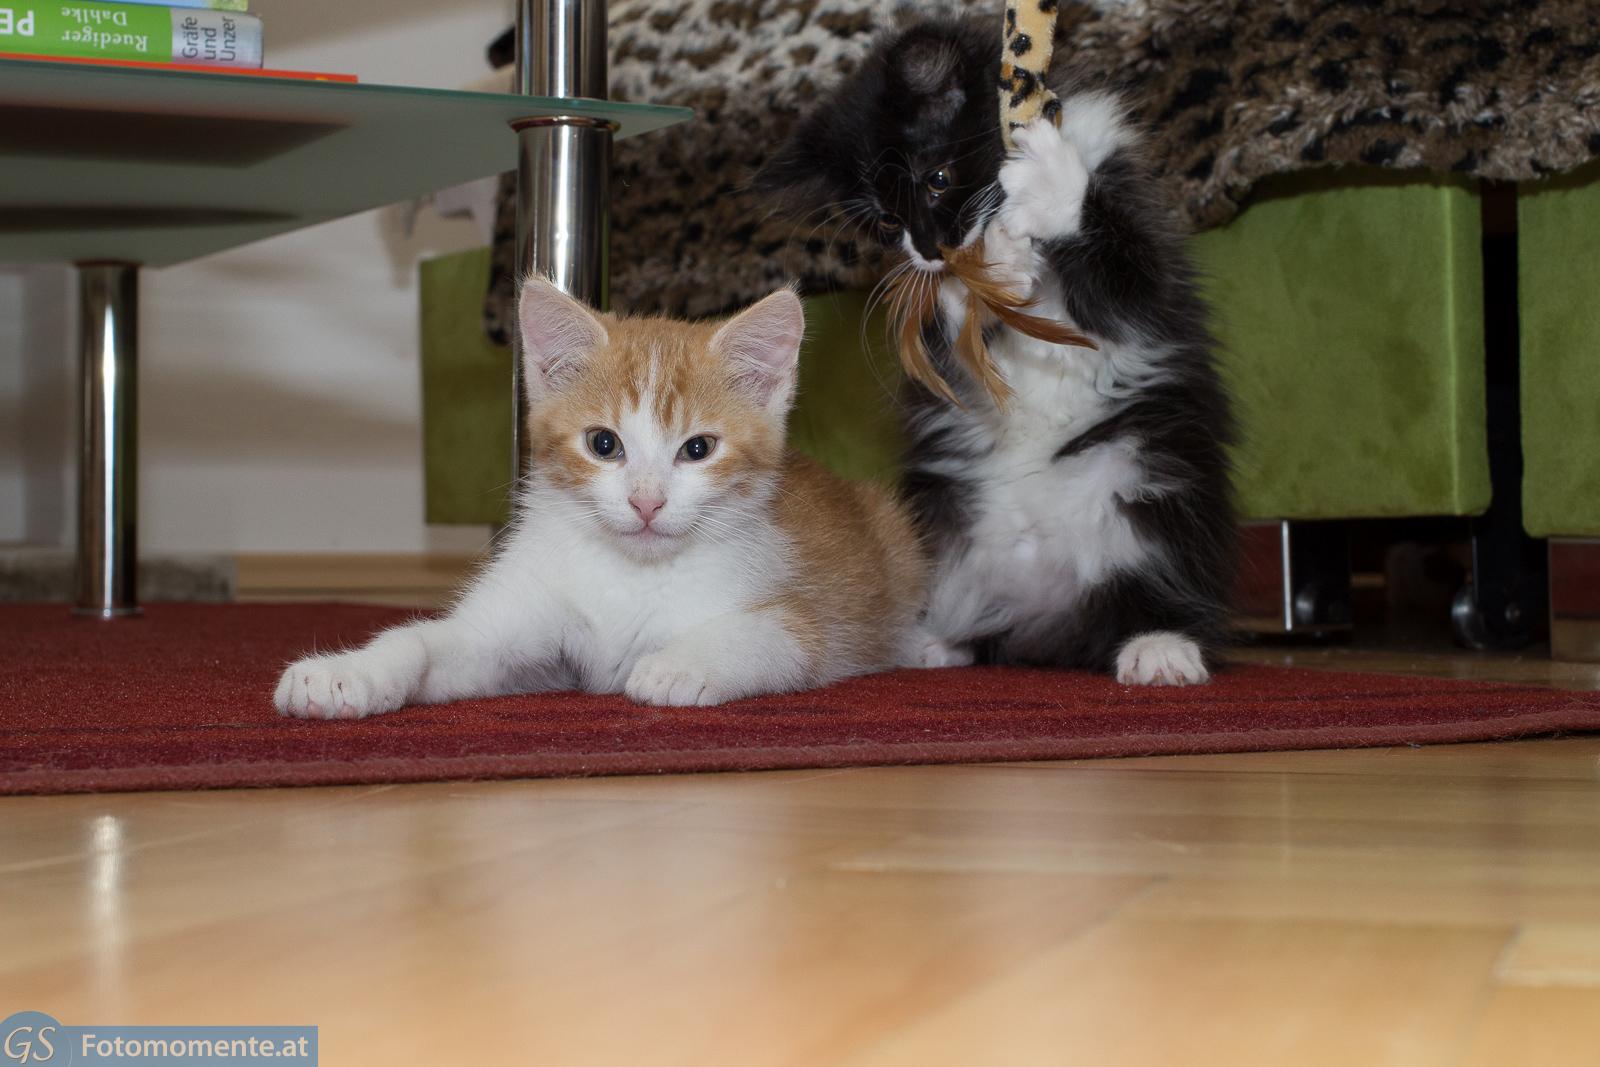 Katze Bounty und Kater Leo 10  12 Wochen alt  Teil